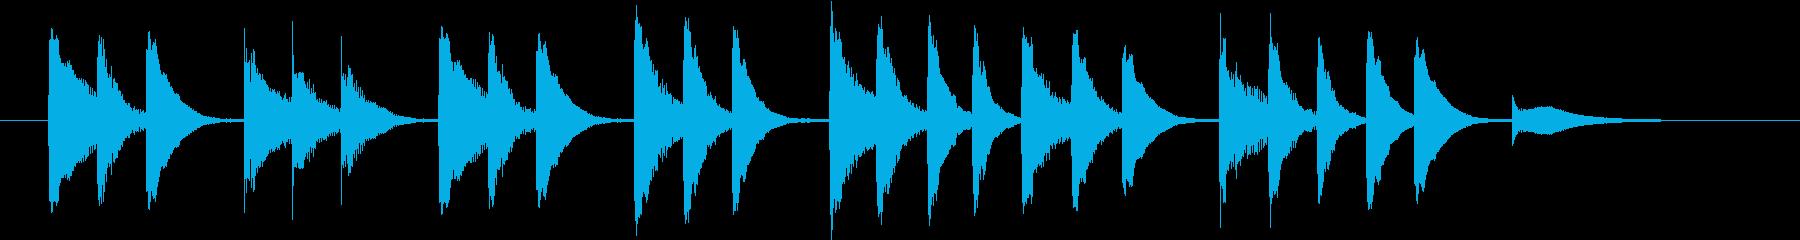 木琴で作った明るく短いジングルの再生済みの波形